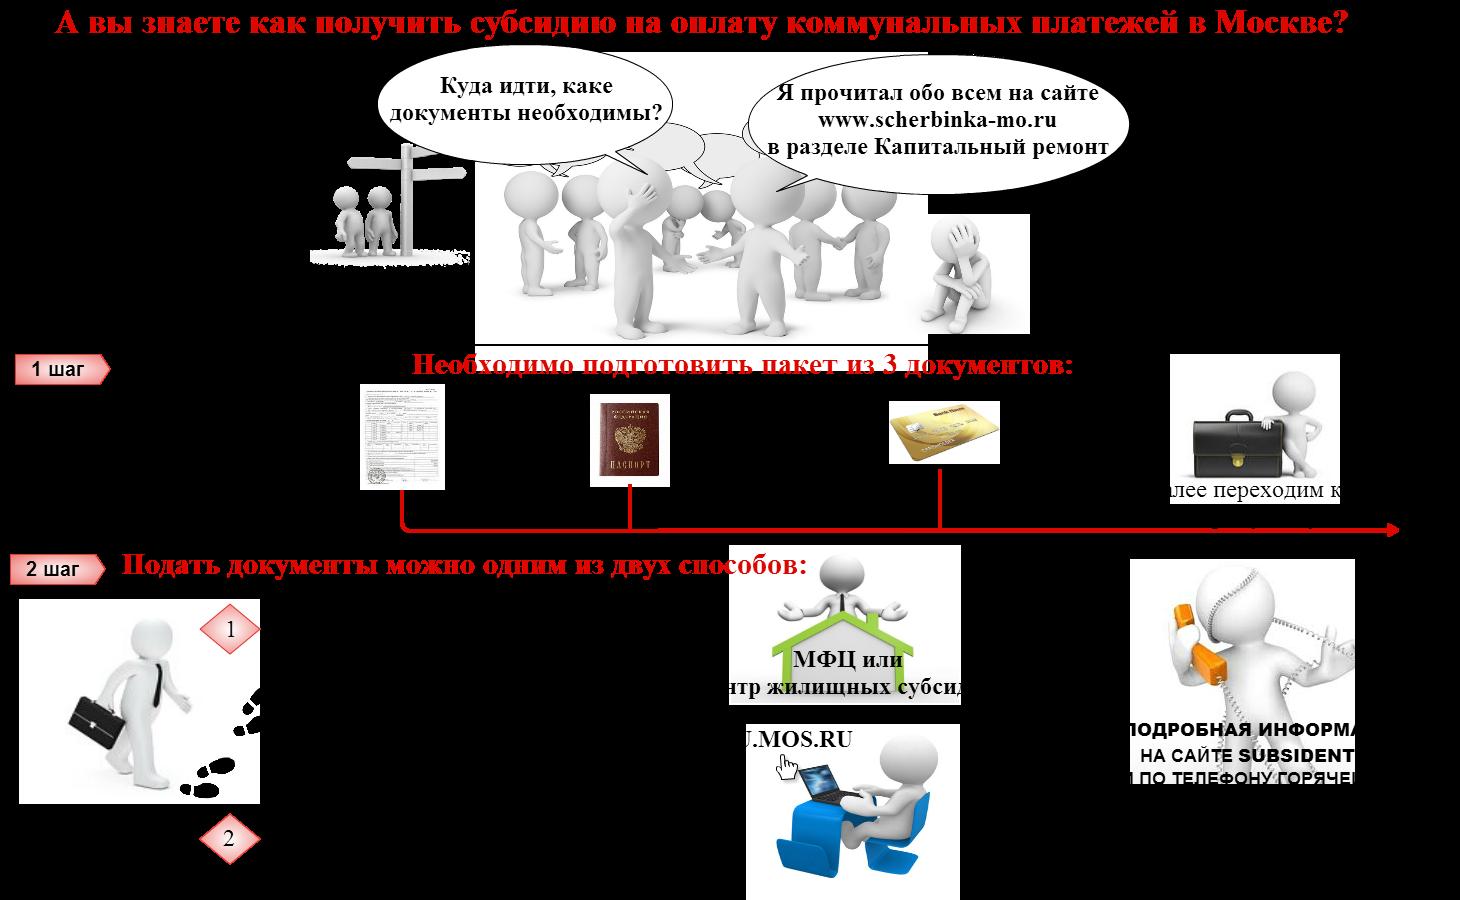 Получение субсидий на оплату жкх 2017 в москве Олвин